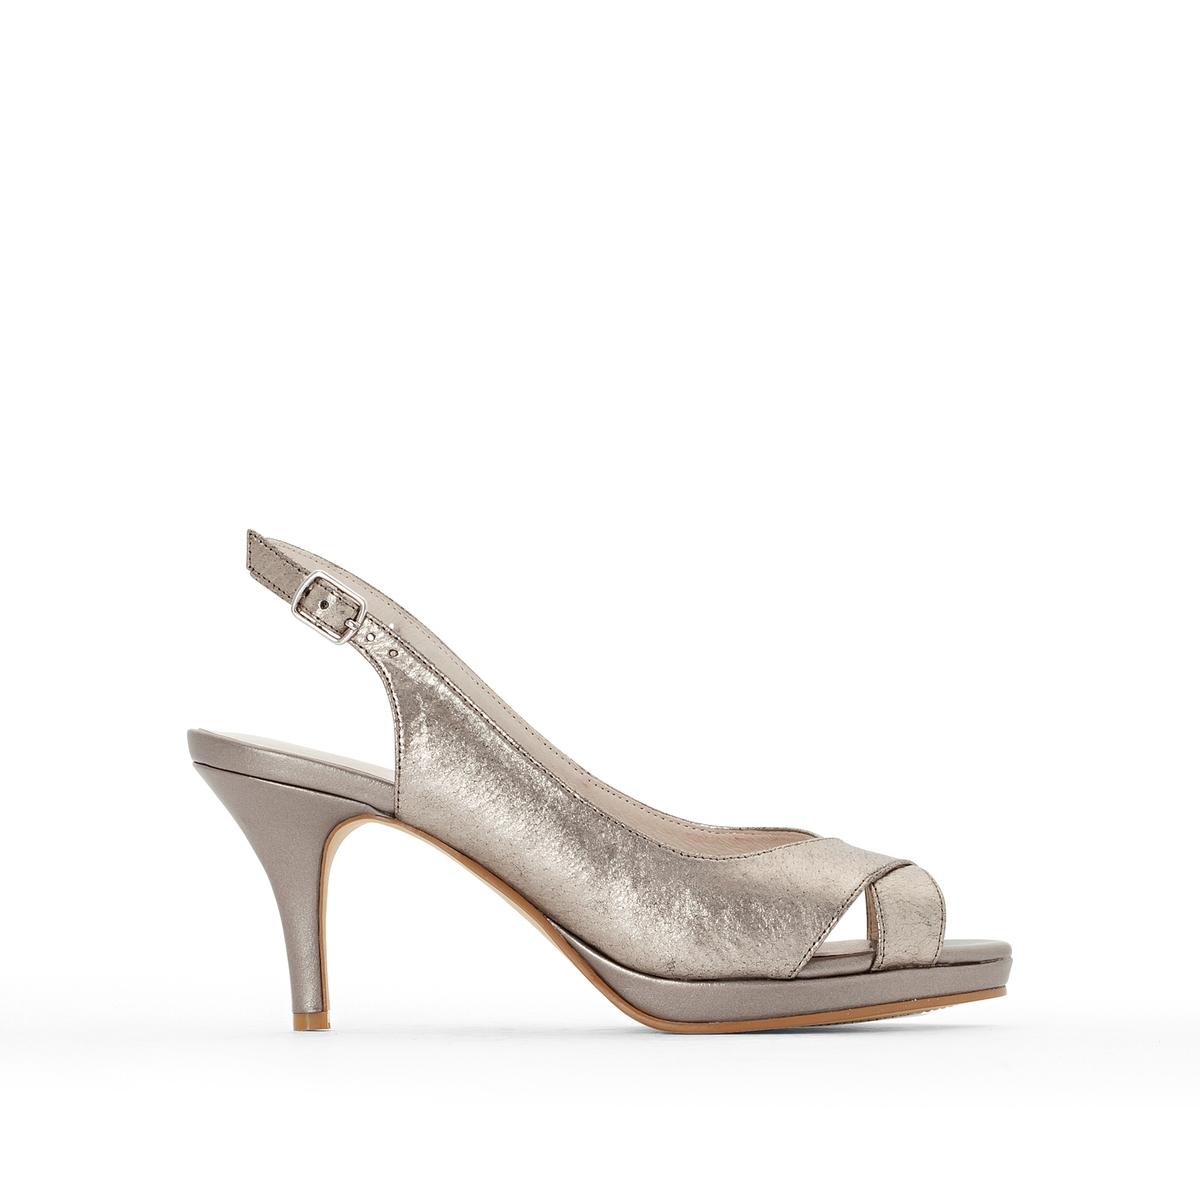 Туфли кожаныеДетали  •  Широкий каблук •  Застежка : без застежки •  Открытый мысокСостав и уход  •  Верх 100% кожа<br><br>Цвет: золотистый,серебристый<br>Размер: 38